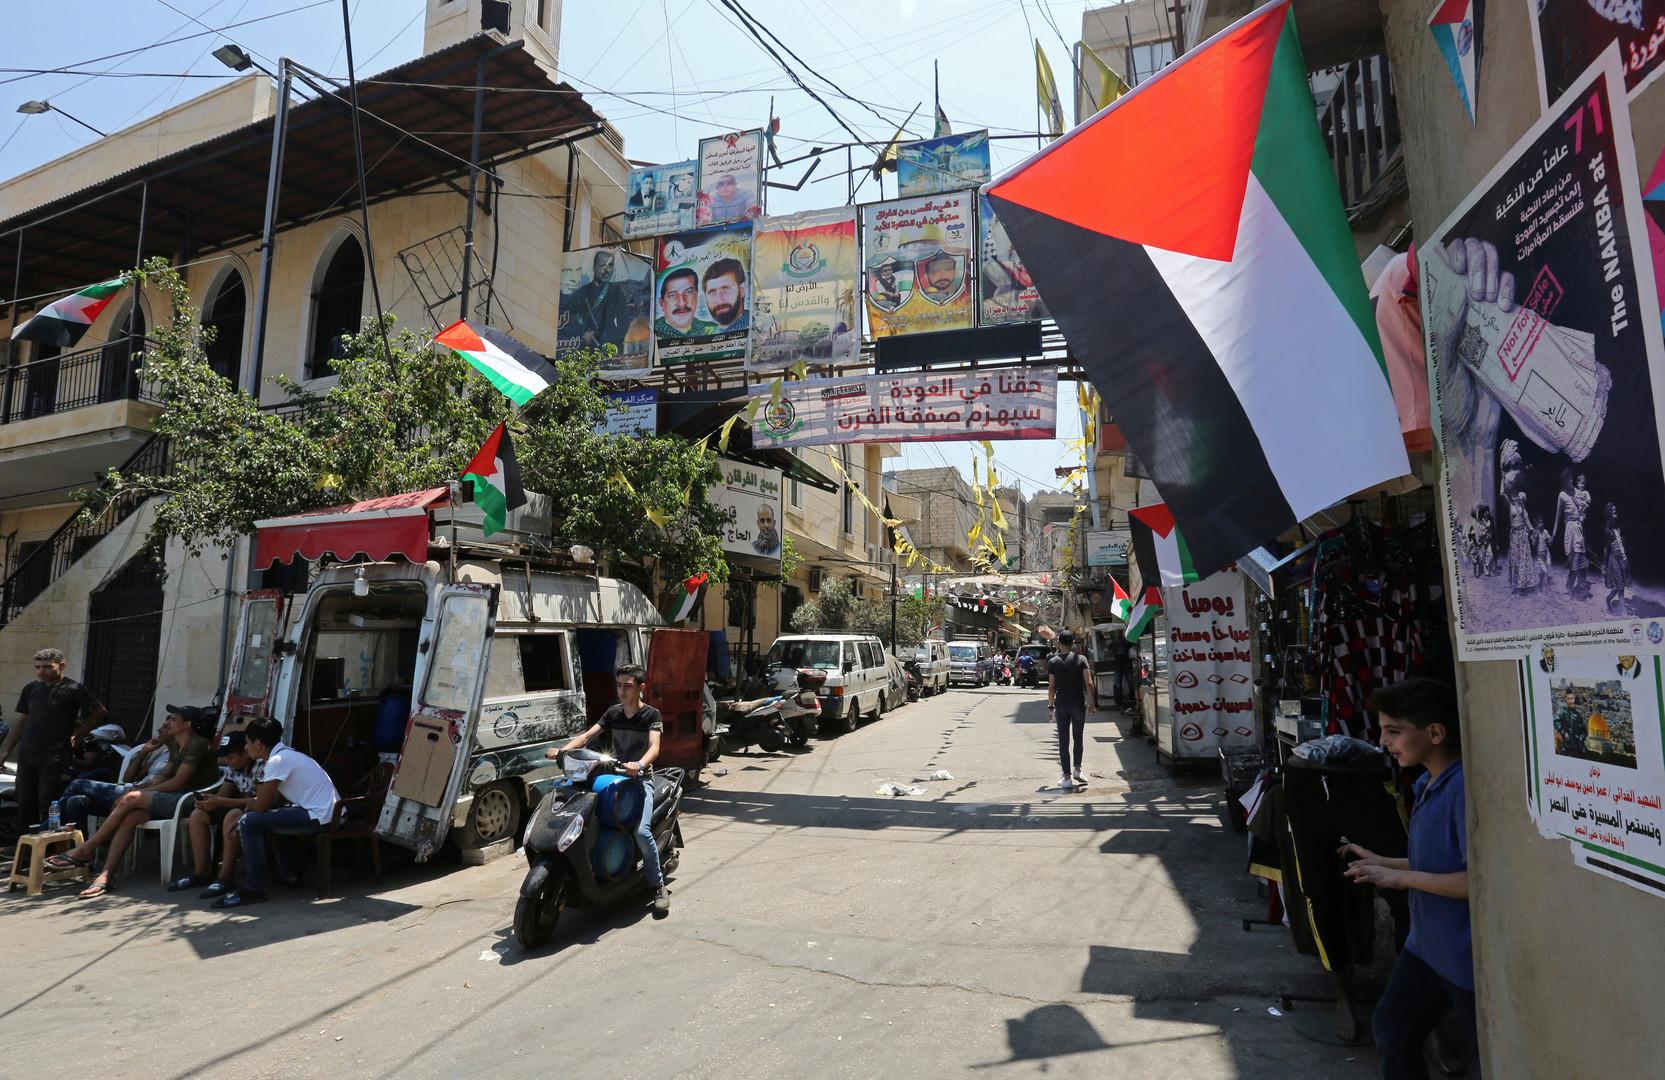 مخيم برج البراجنة للاجئين الفلسطينيين- بيروت